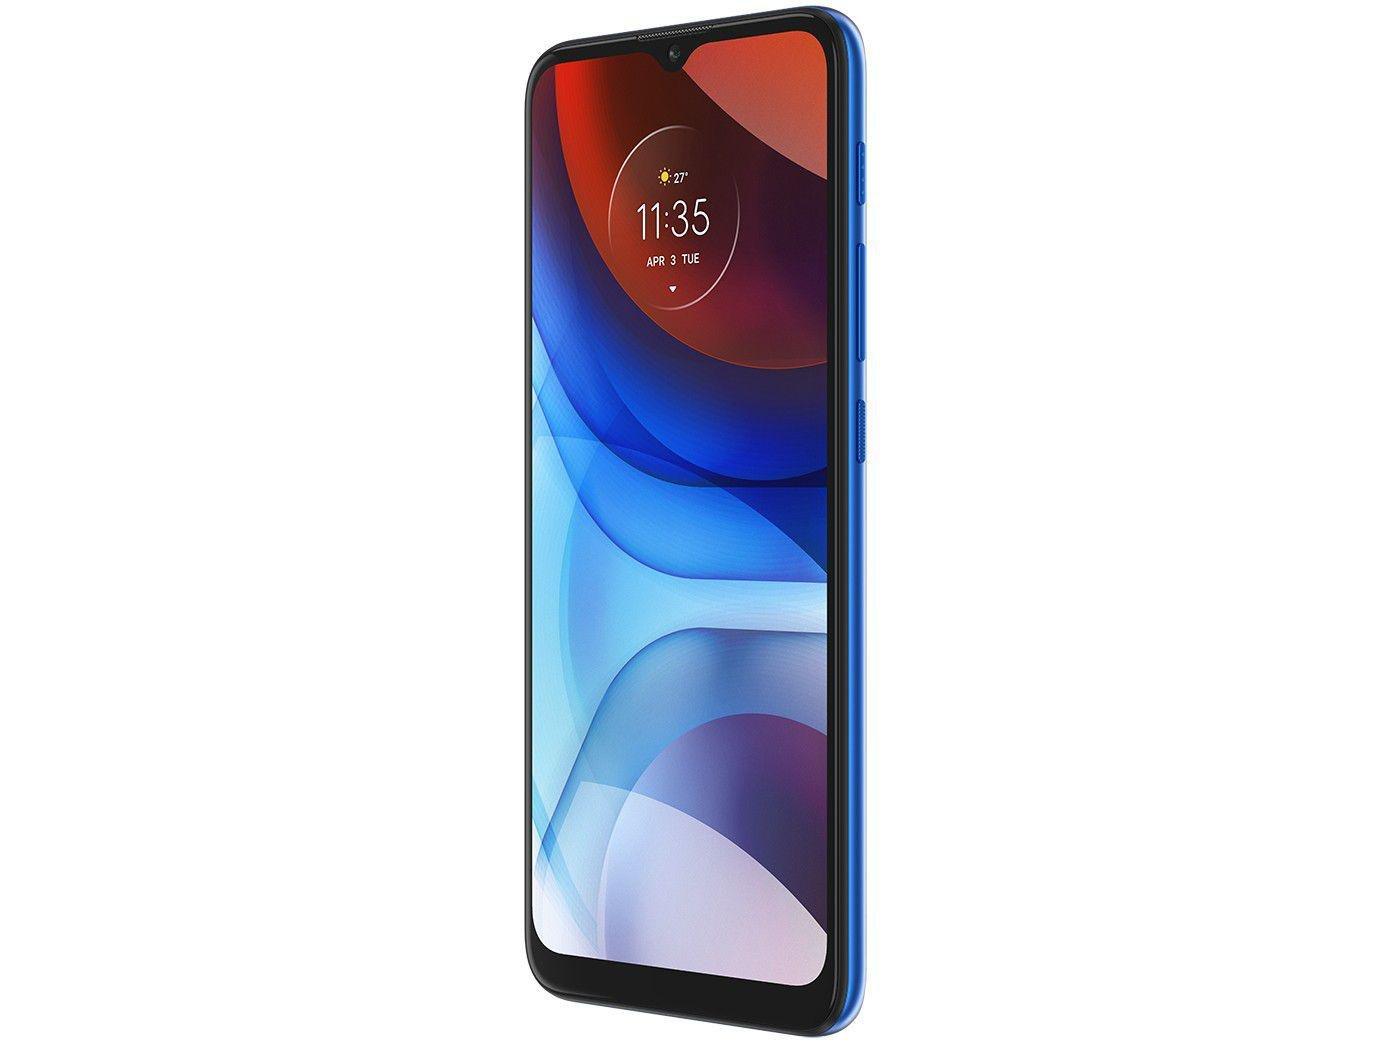 """Smartphone Motorola Moto E7 Power 32GB Azul - Metálico 4G 2GB RAM 6,5"""" Câm. Dupla + Selfie 5MP - Bivolt - 4"""